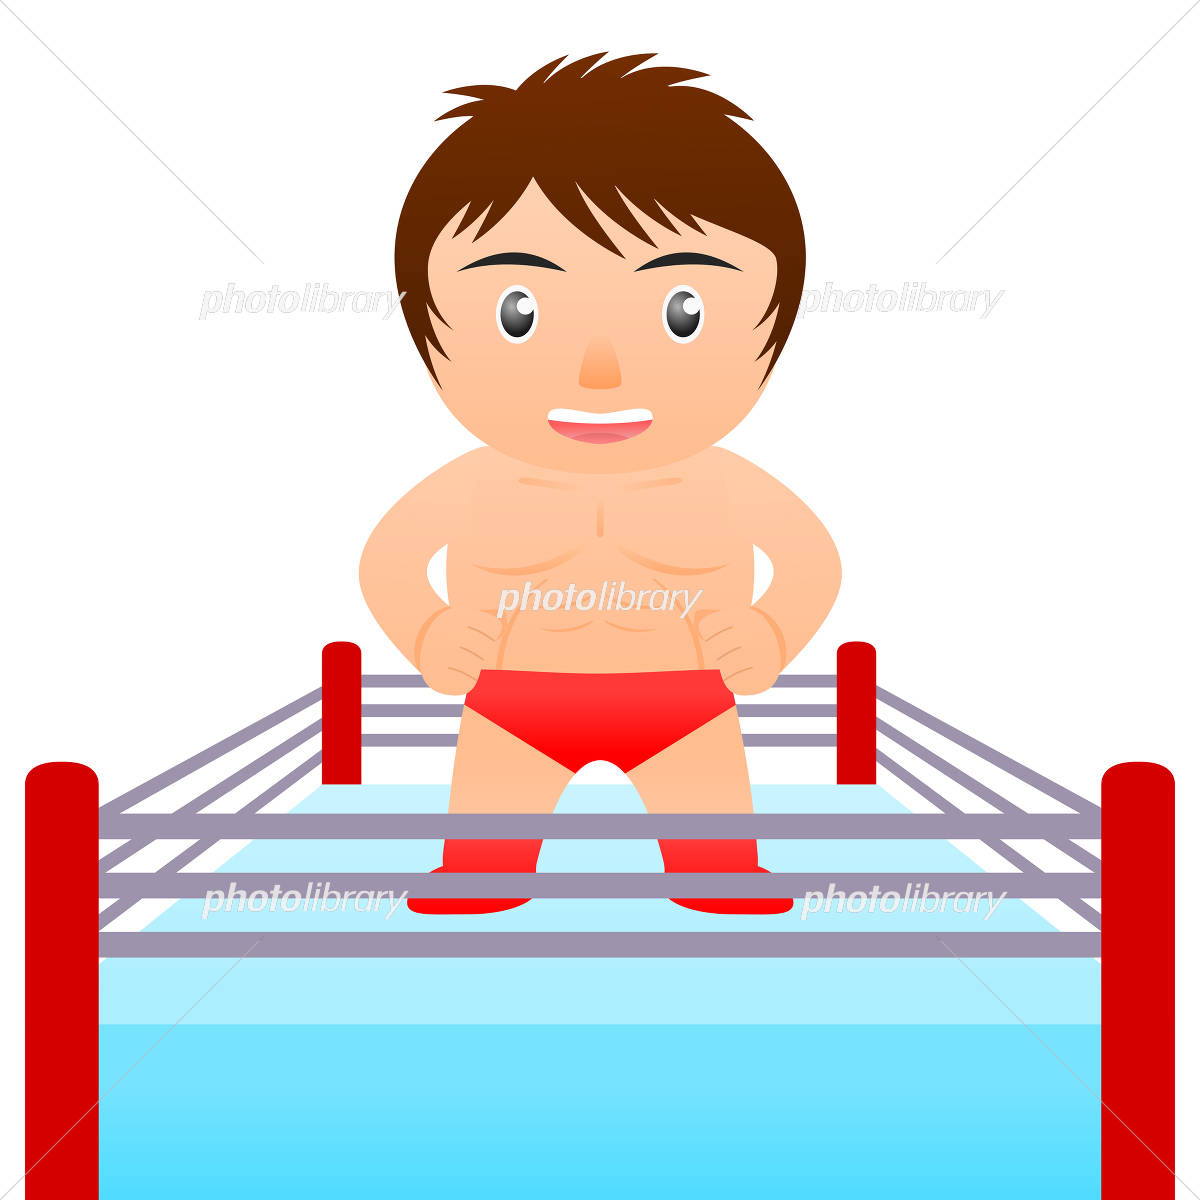 プロレスラー 格闘家 イラスト素材 4385963 フォトライブラリー